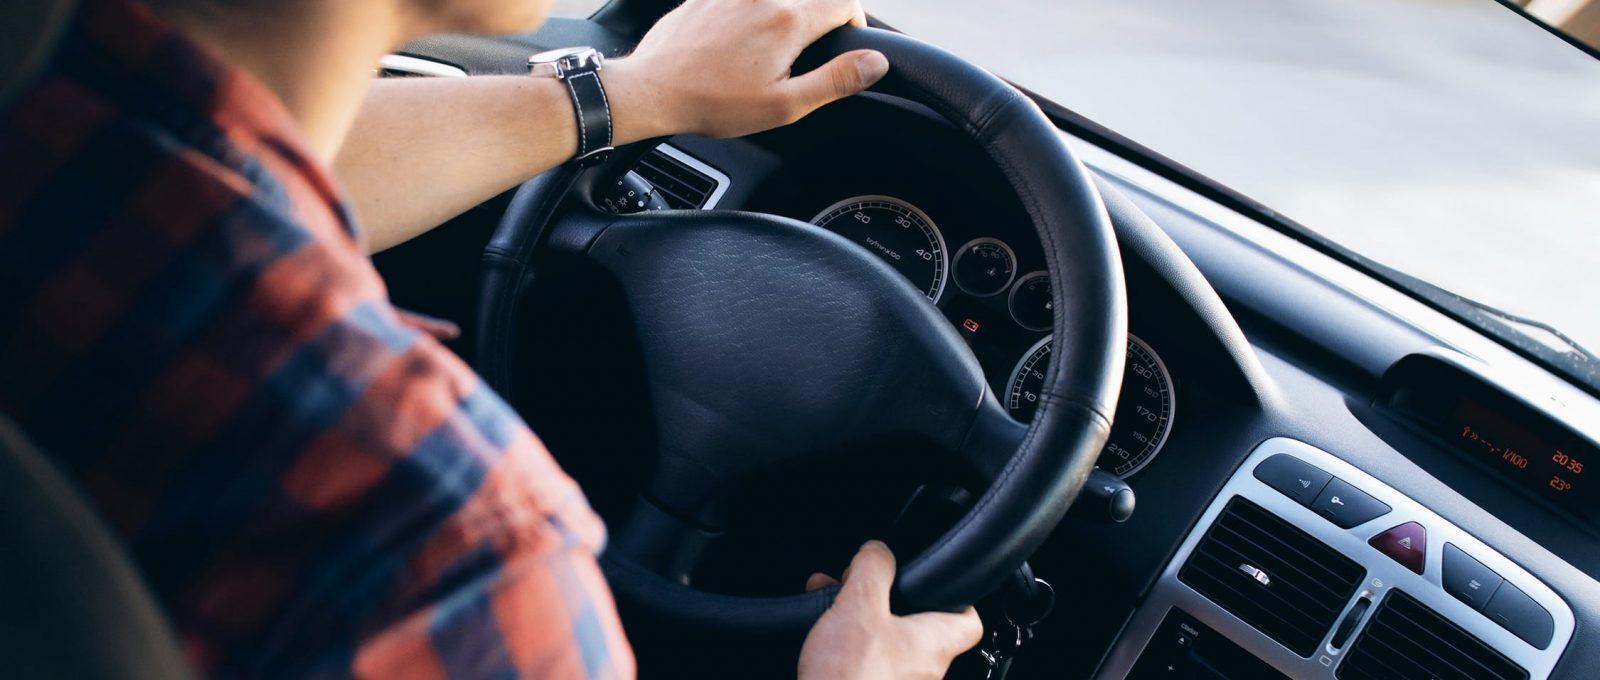 Que faut-il vérifier avant d'acheter une voiture d'occasion